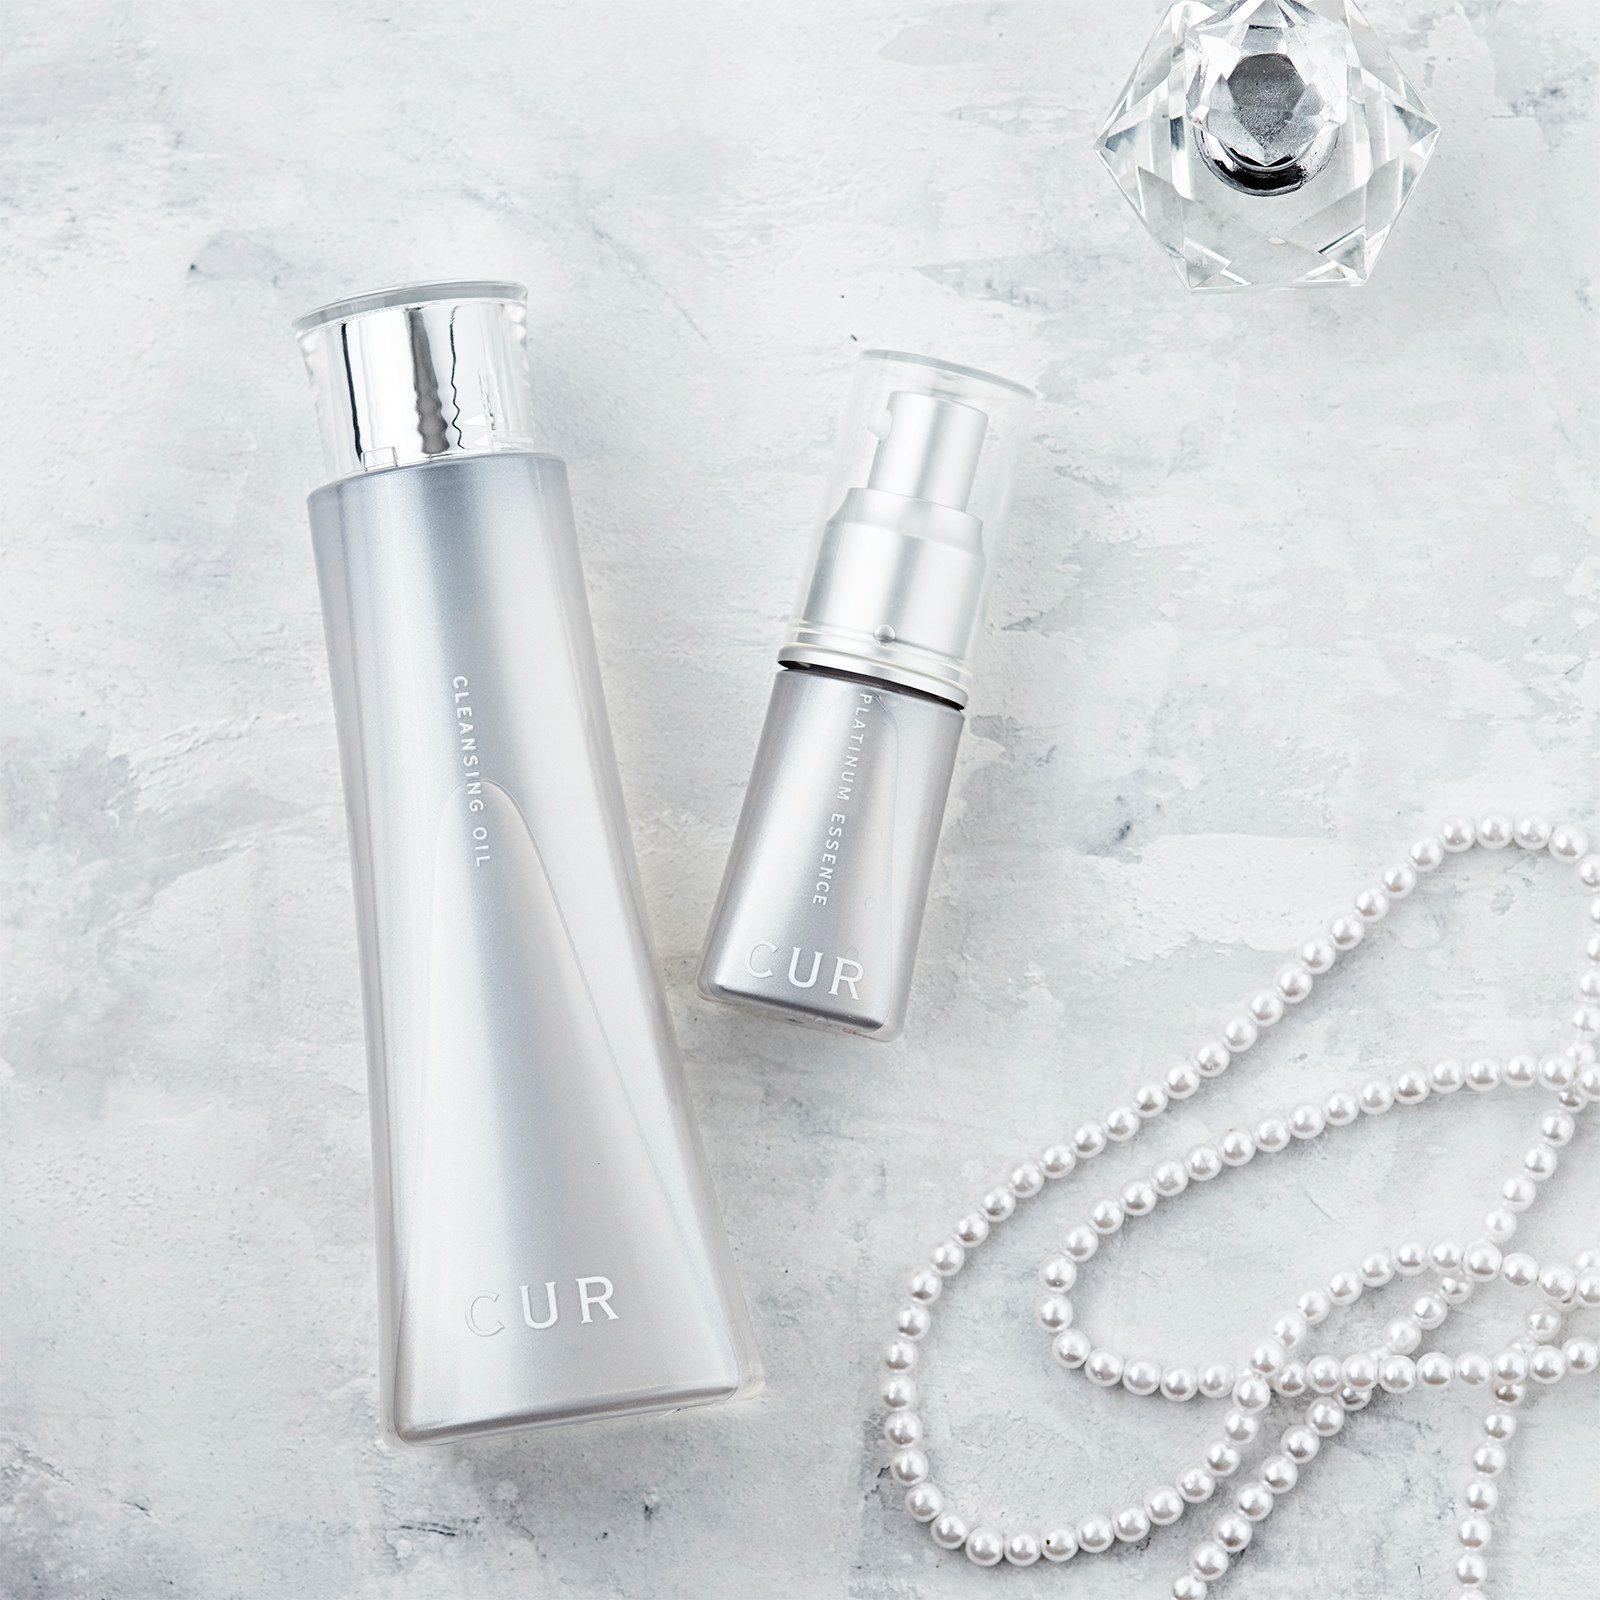 化粧品容器 (CUR)